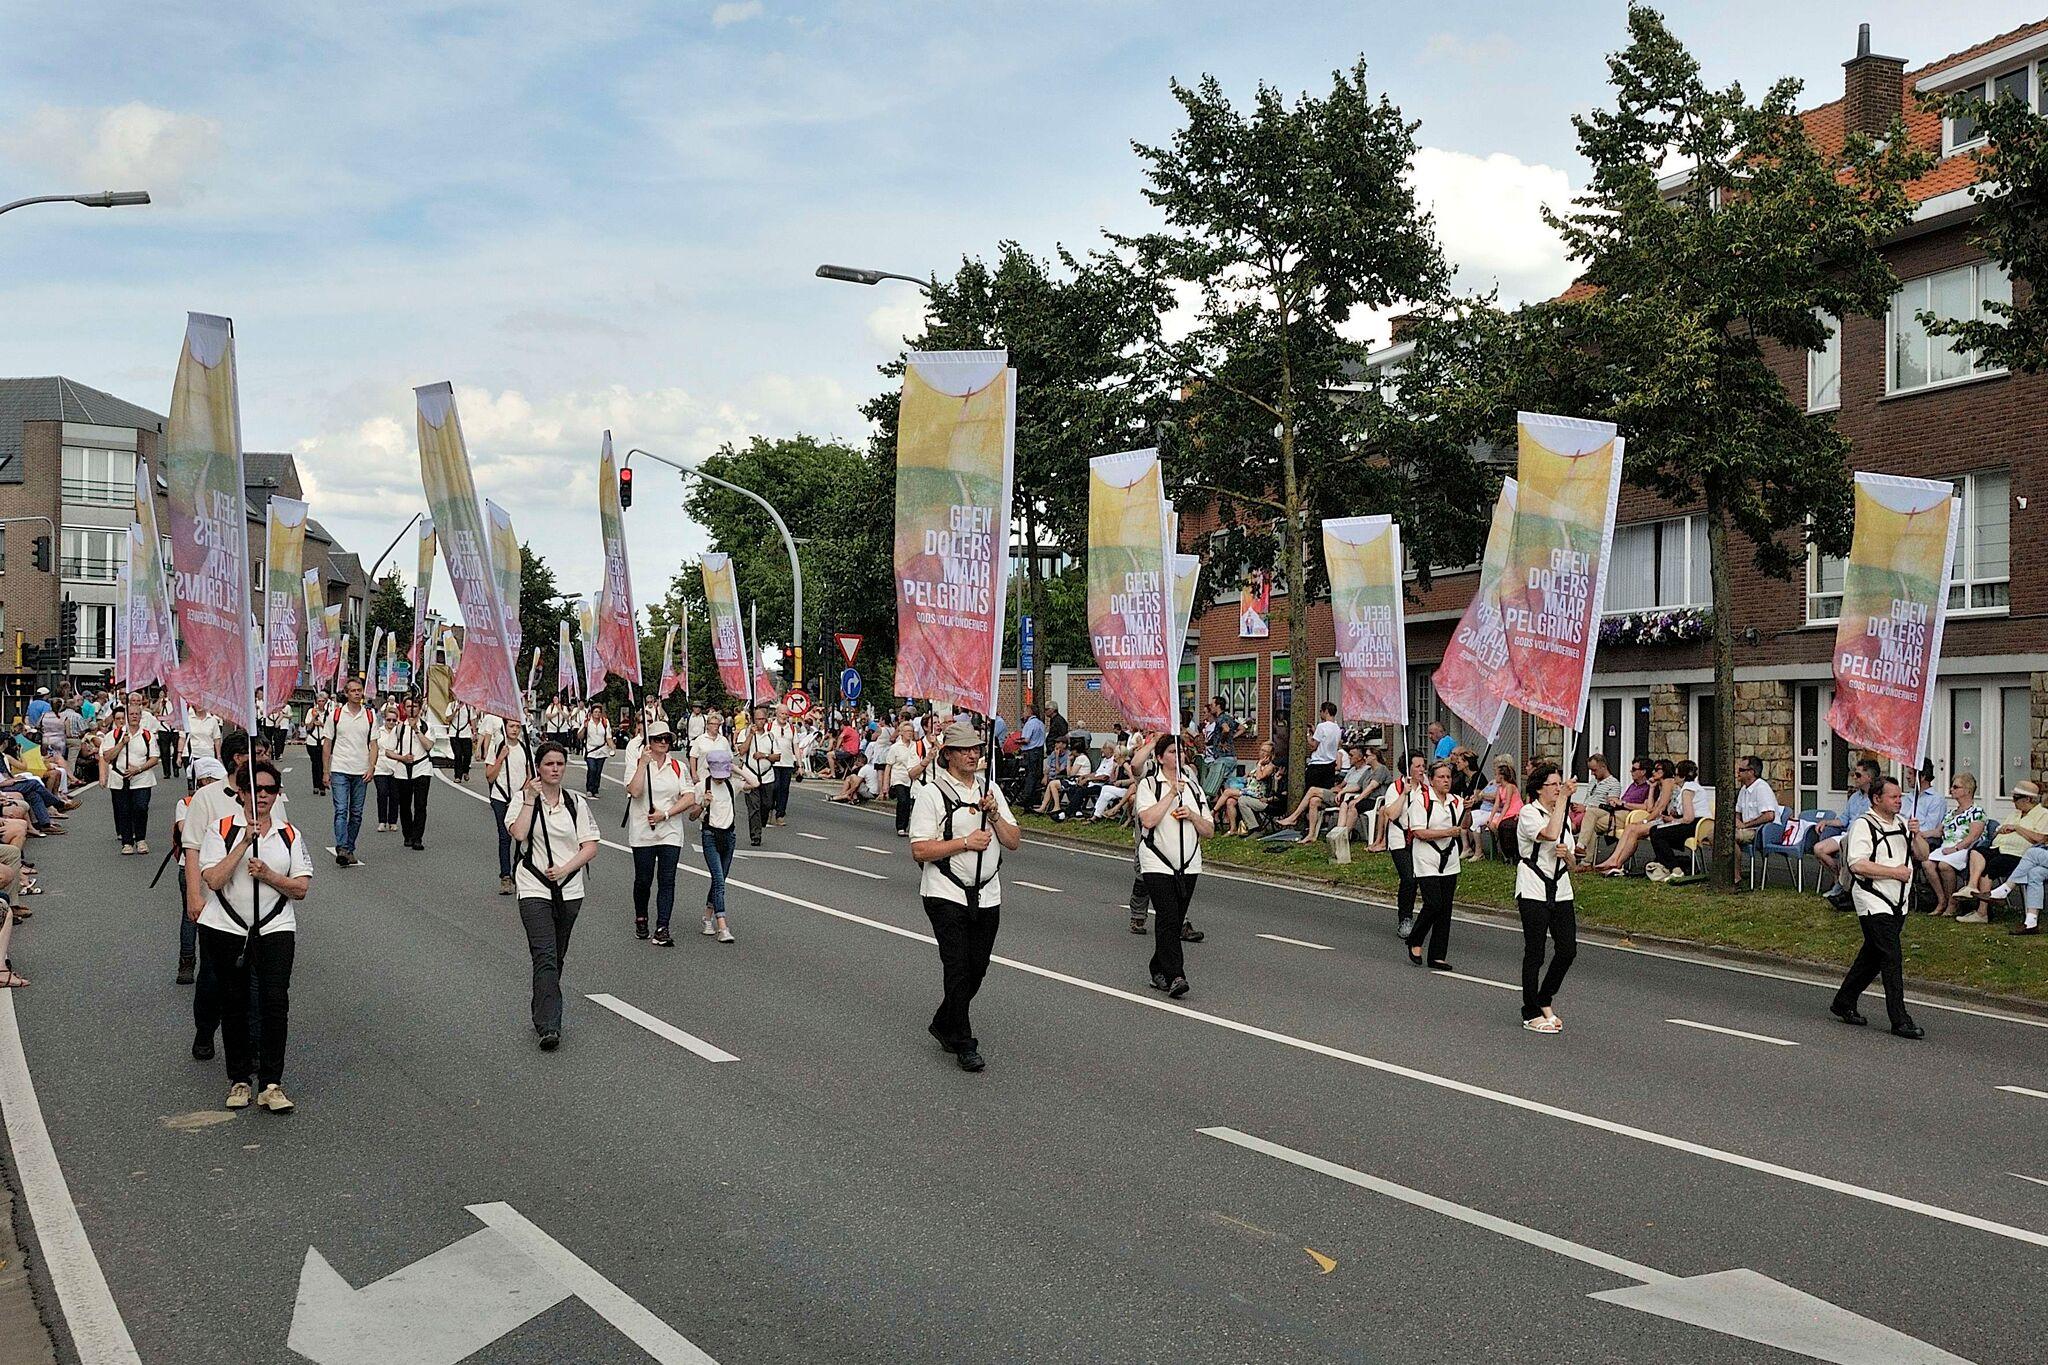 Vijftig mensen uit het bisdom Hasselt dragen tijdens de Kroningsfeesten de vlaggen voor vijftig jaar bisdom Hasselt © Jos Collaer